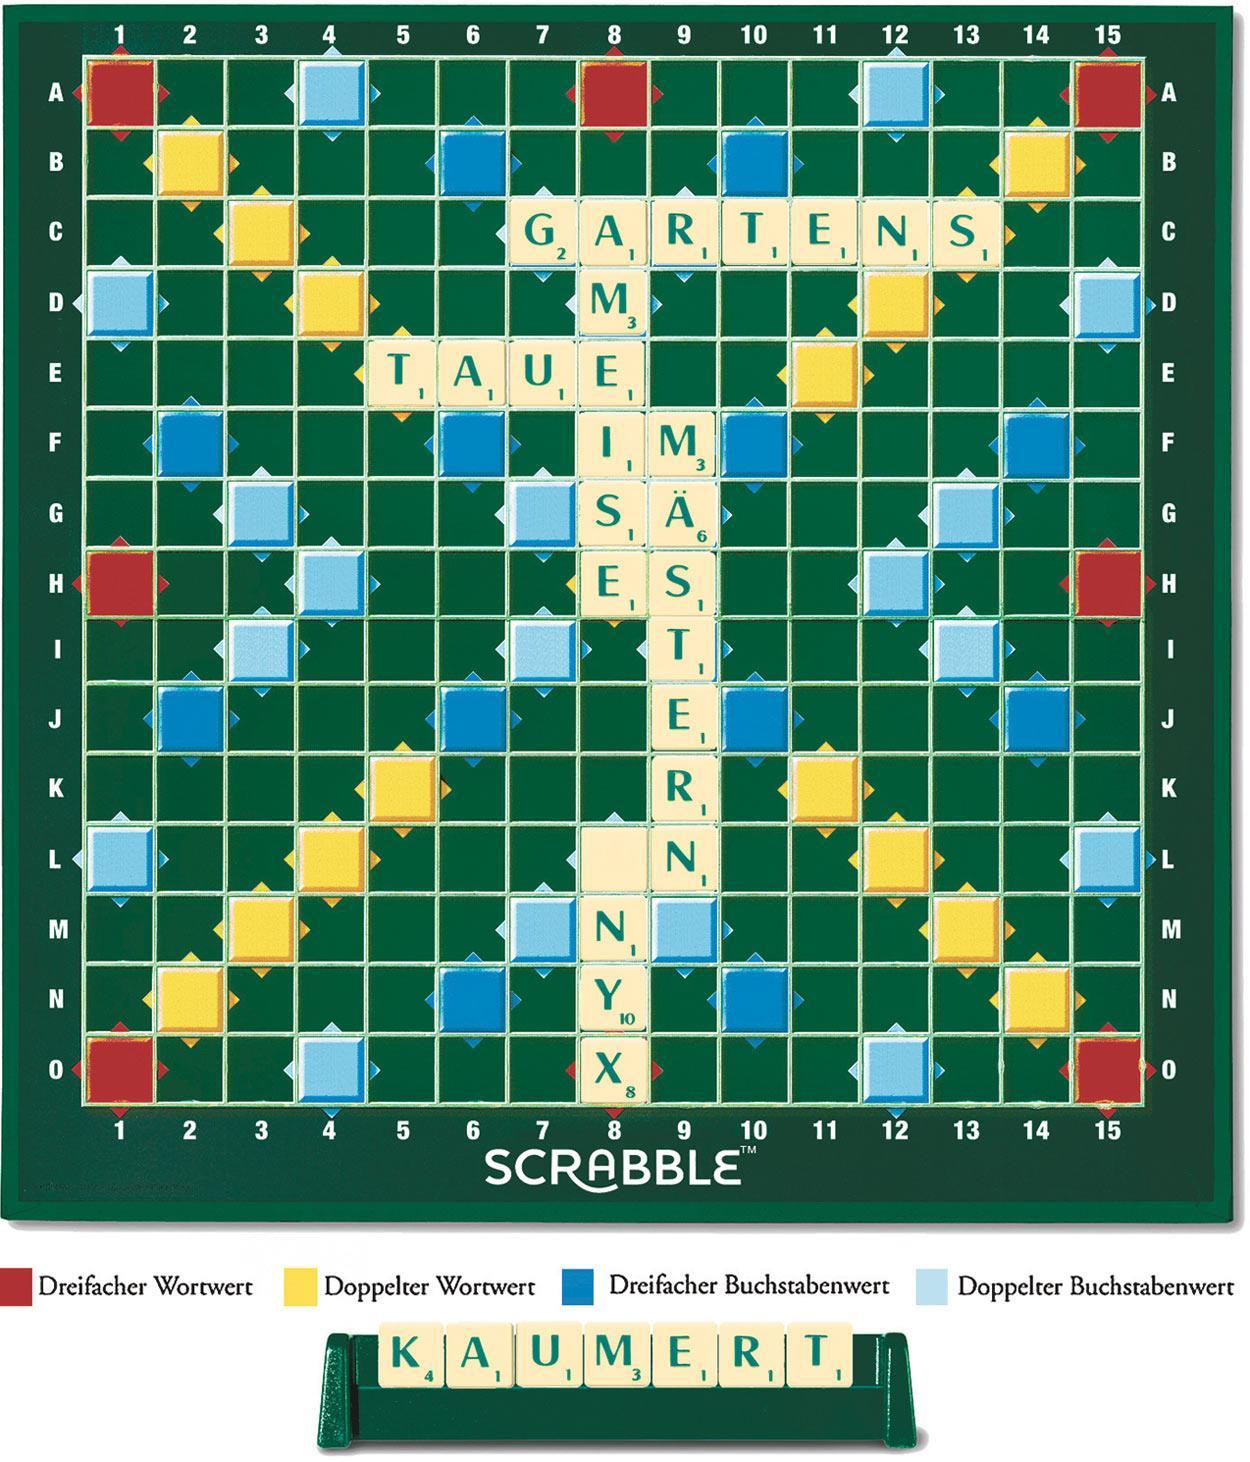 Scrabble-Sommer Folge 4